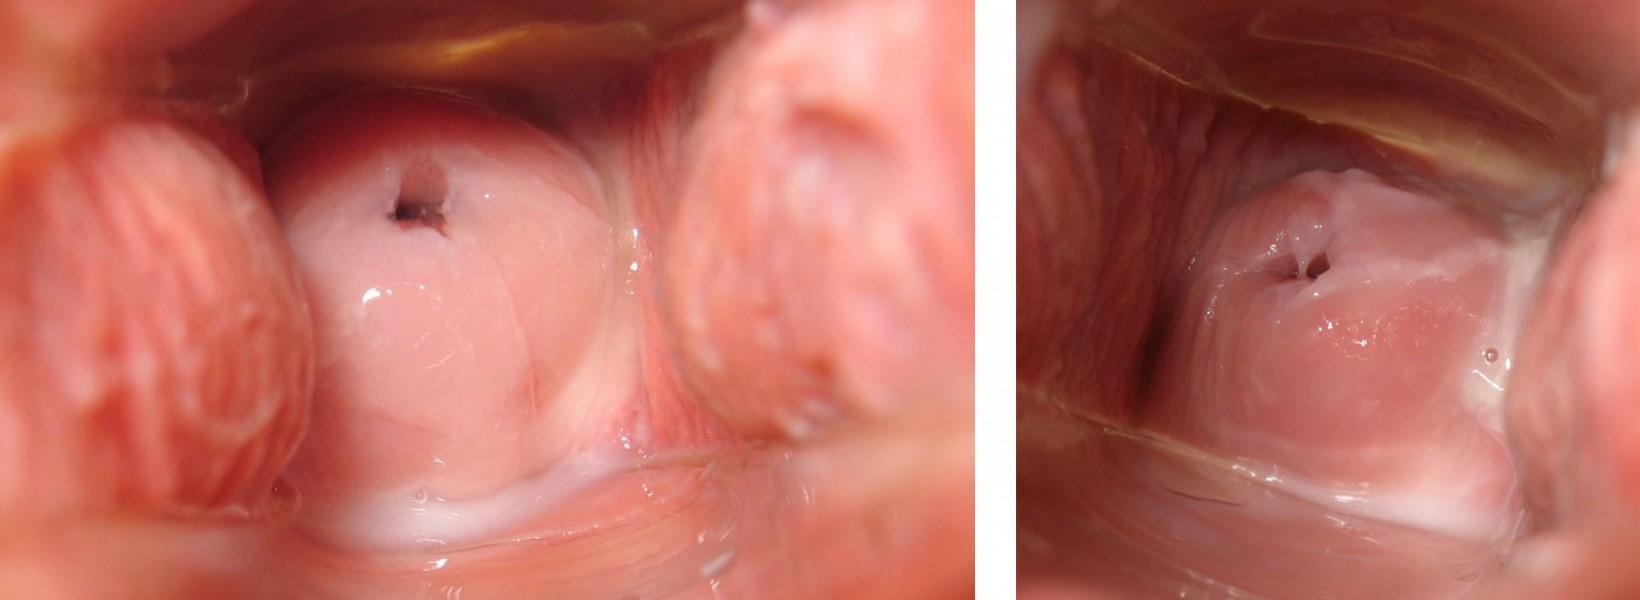 El cuello del útero: Auto-reconocimiento